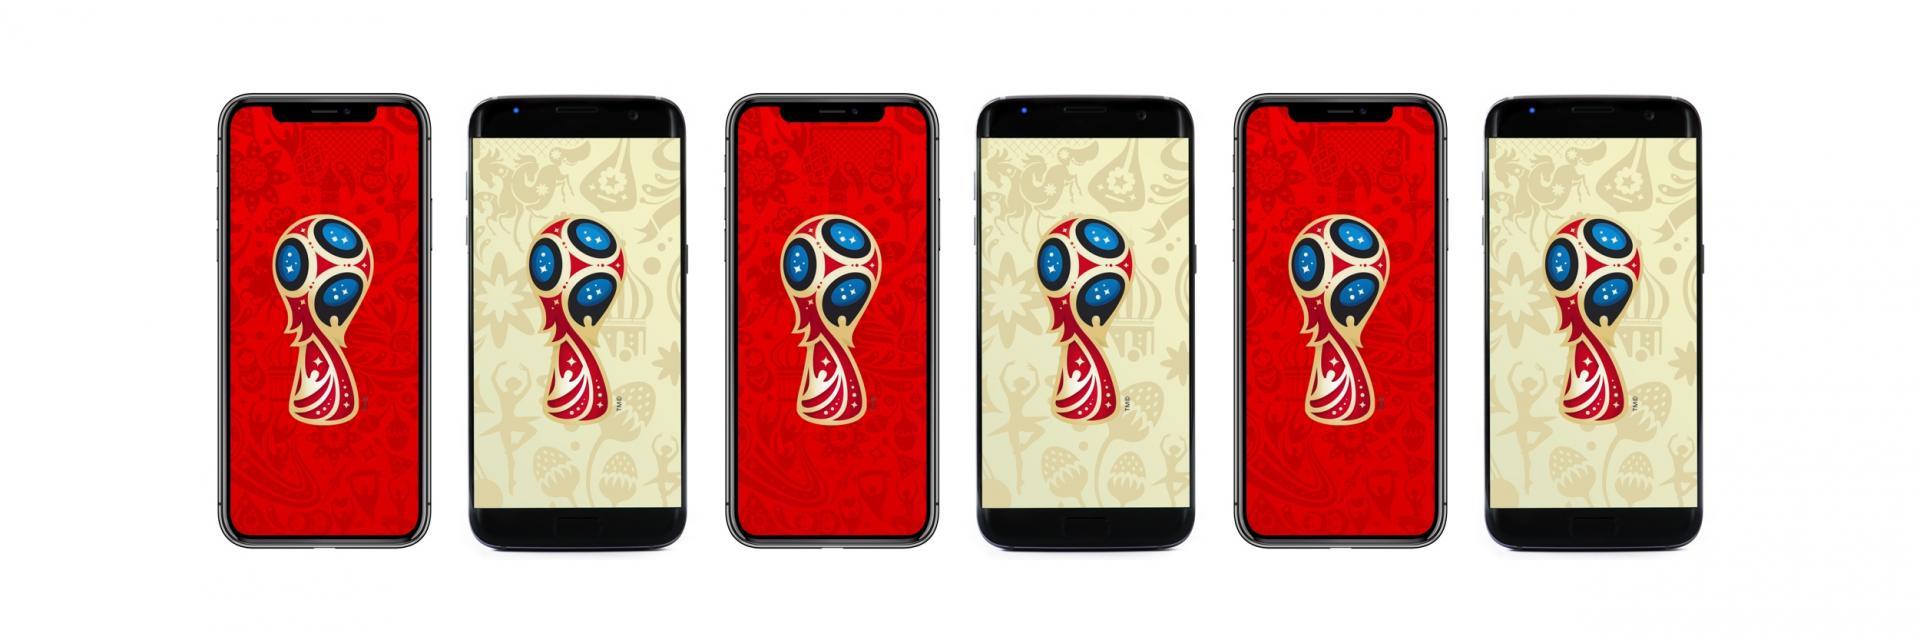 Le migliori App per seguire i Mondiali 2018 in modo innovativo